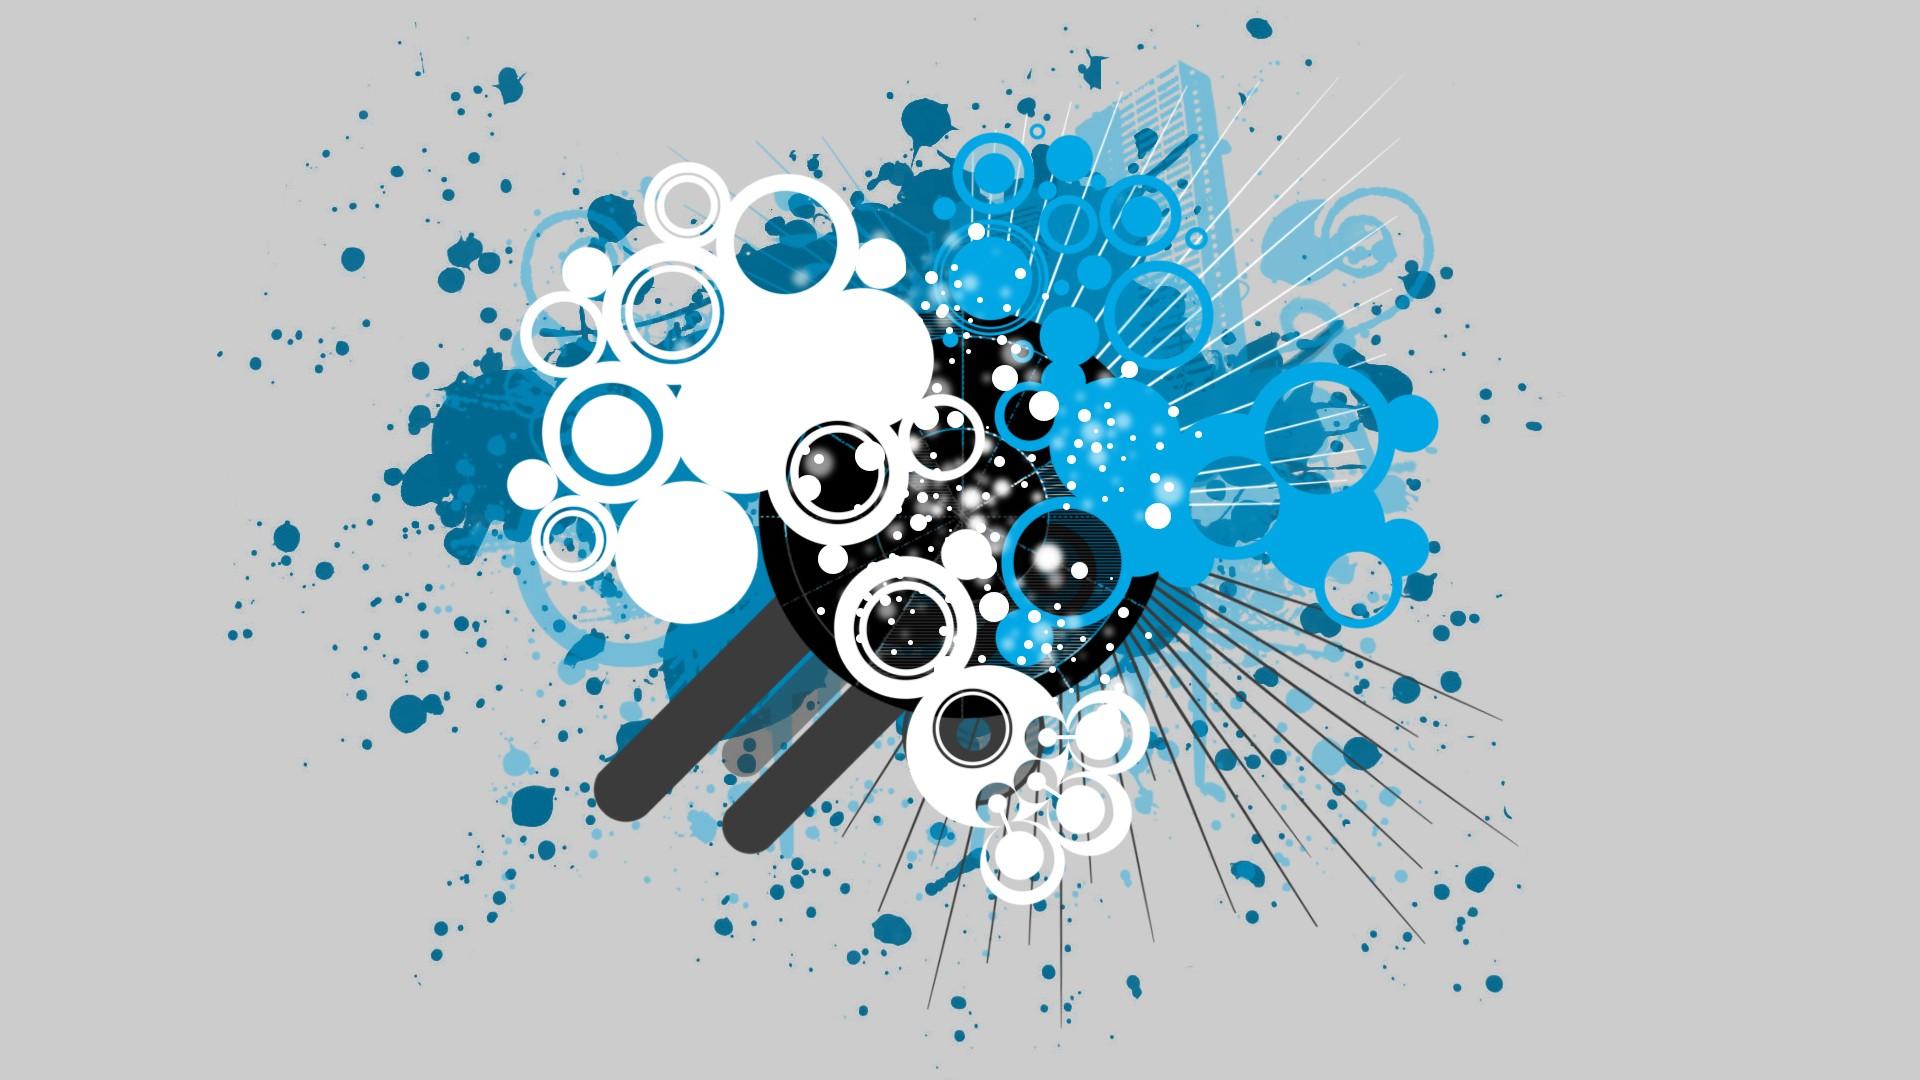 Fondos de pantalla : ilustración, logo, diseño gráfico, circulo ...